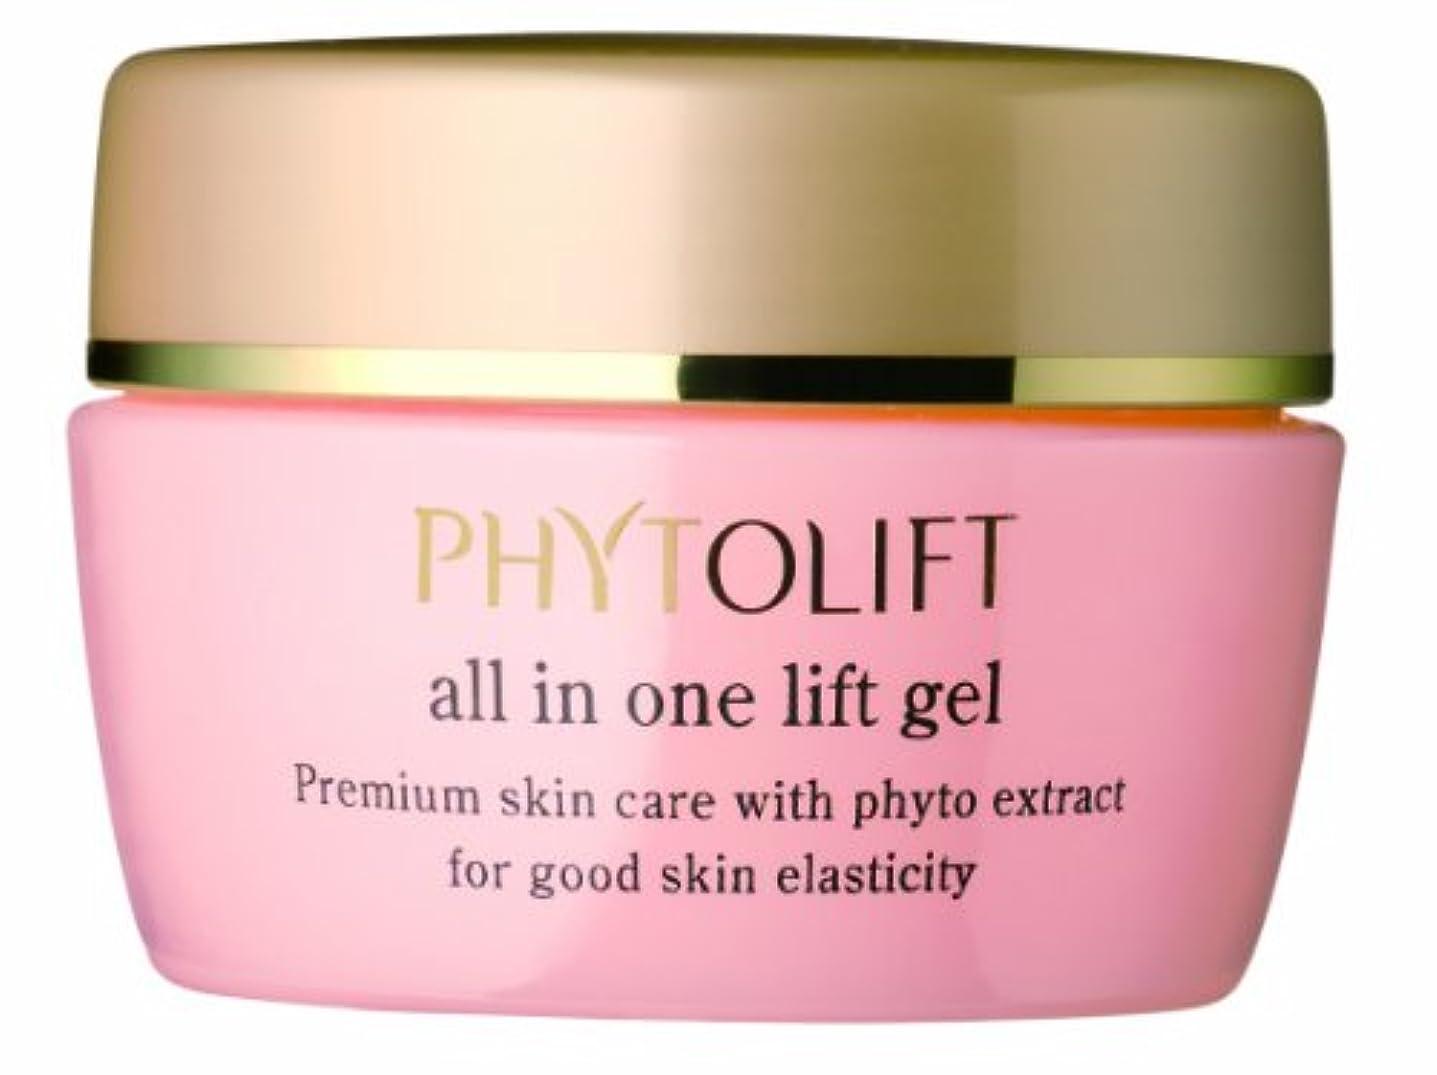 明るいベジタリアン重量PHYTOLIFT(フィトリフト) オールインワンジェル〈美容ジェルクリーム〉 50g